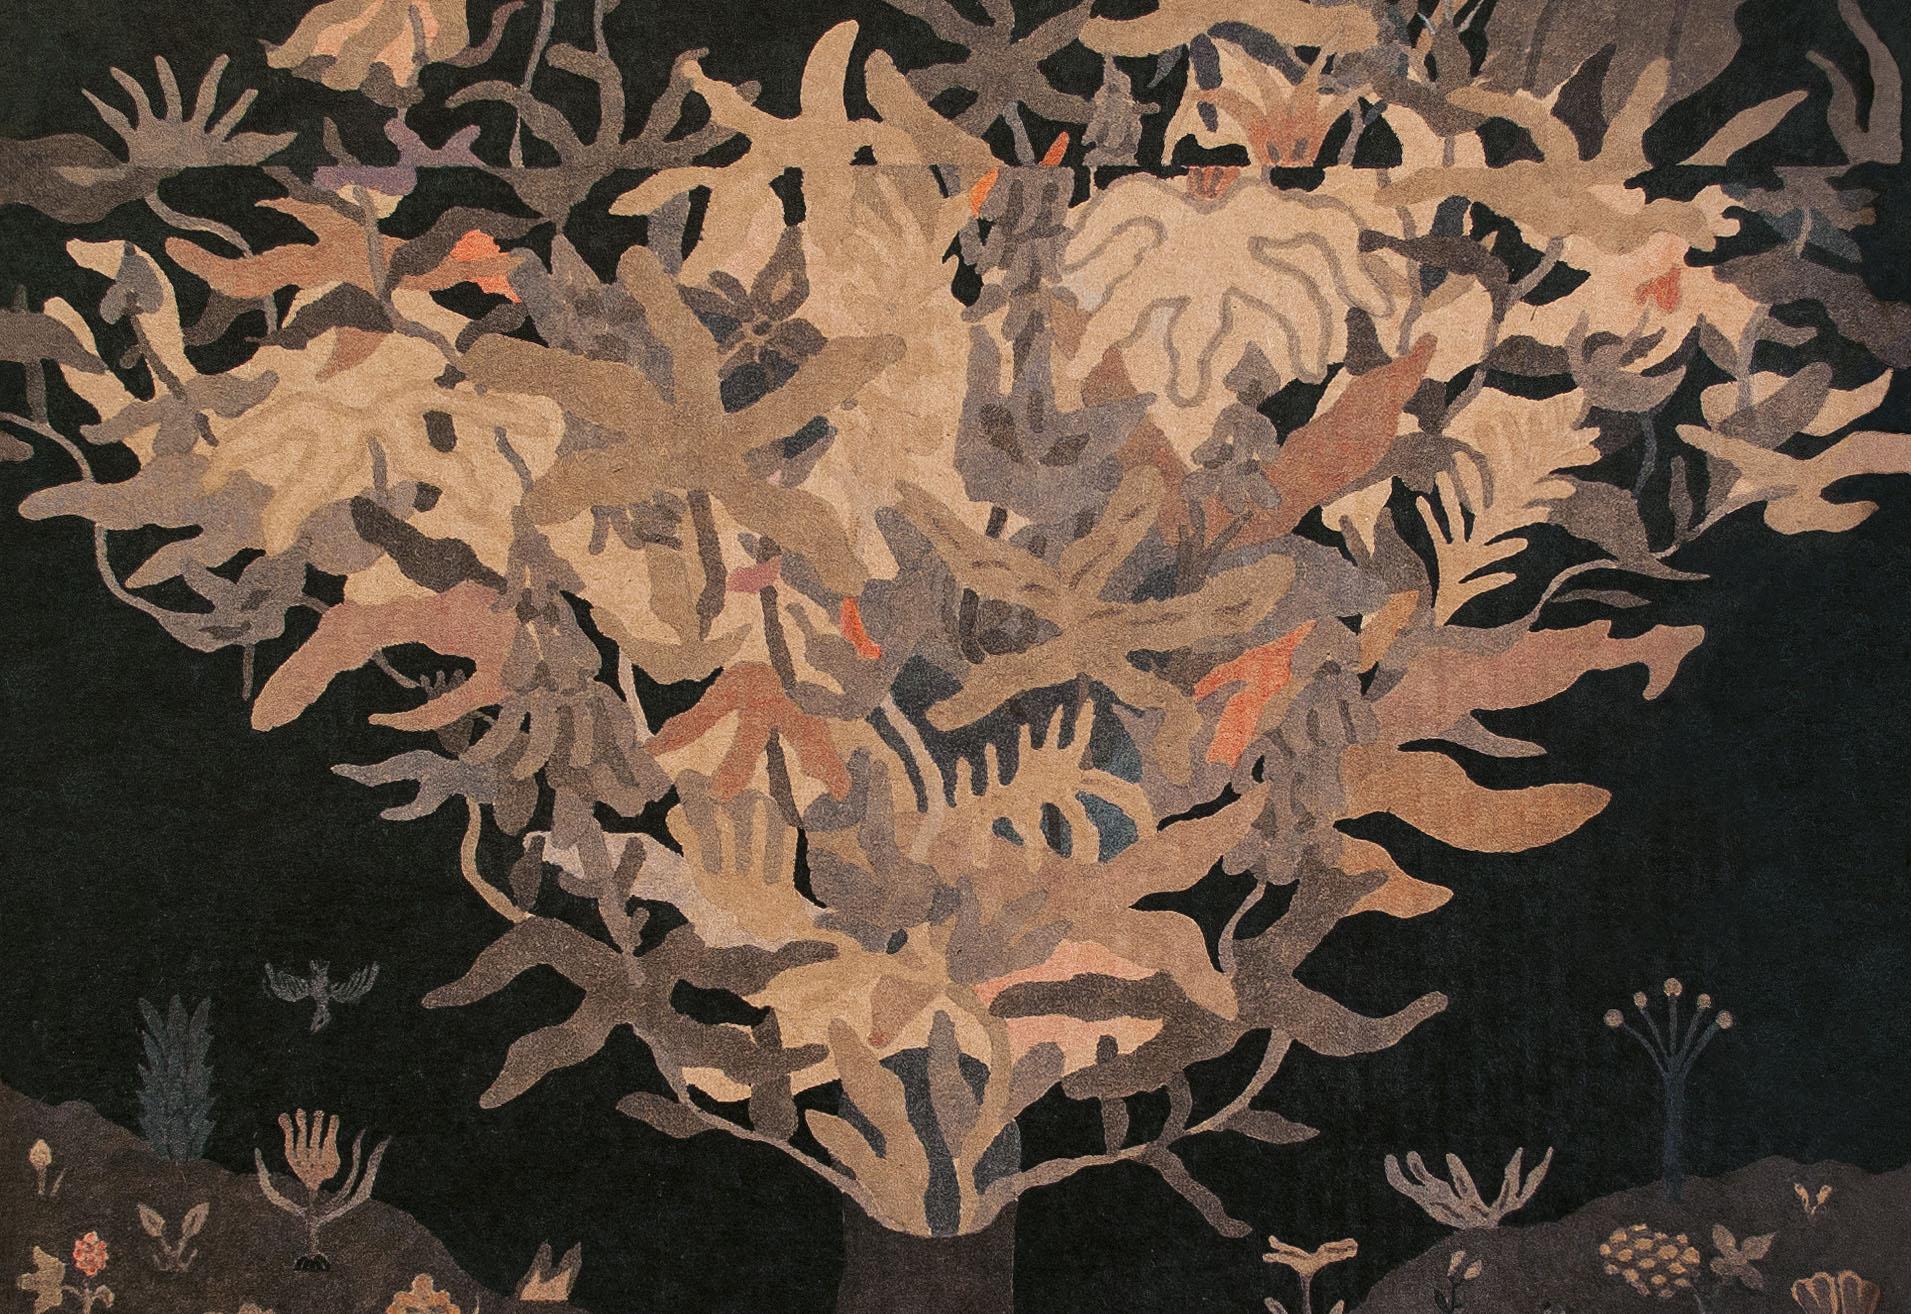 Galerie3 | Unheimlich heimelig | Georg Pinteritsch | flowers